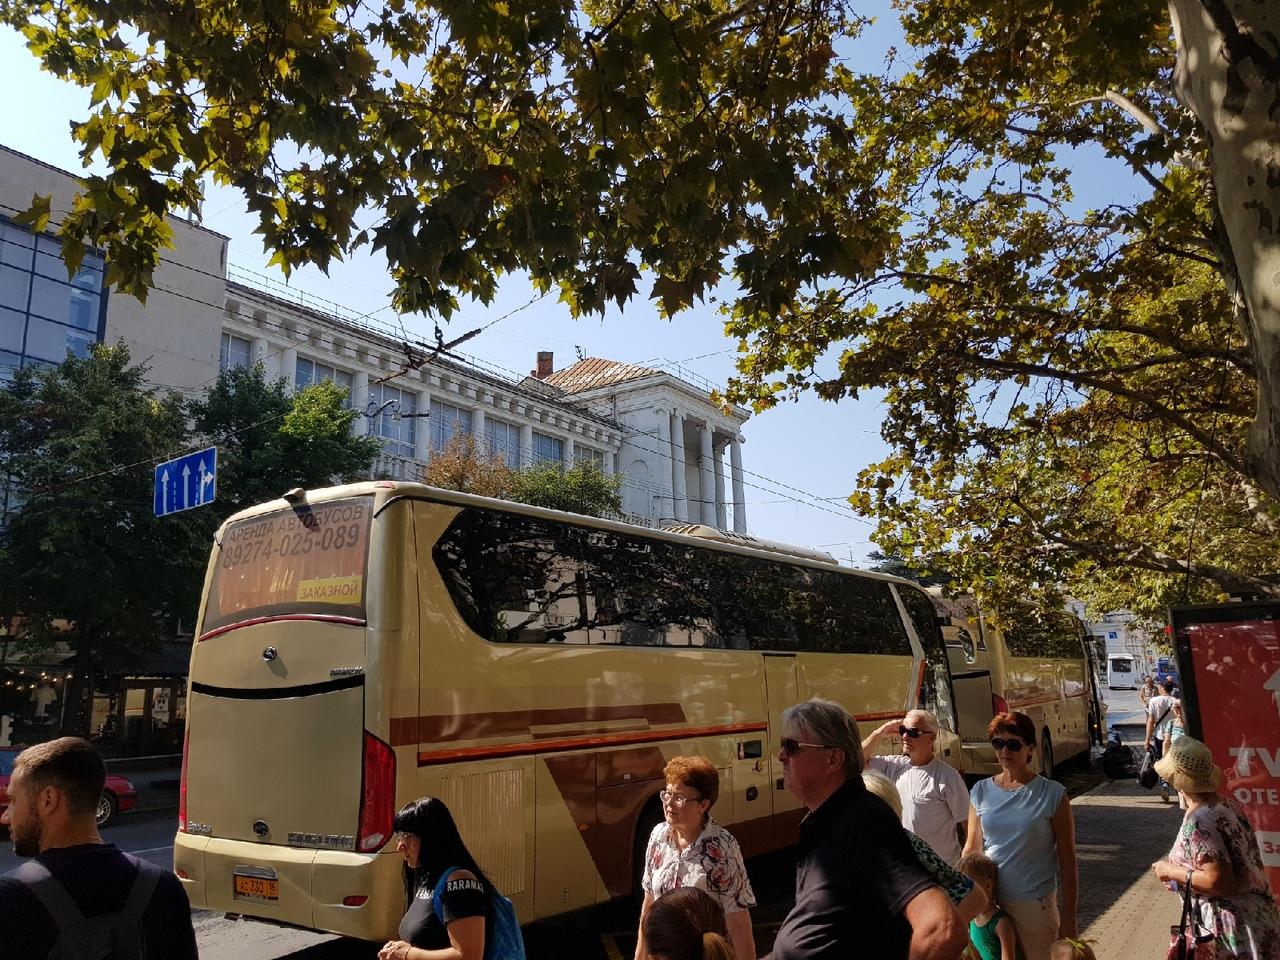 «Настоящий транспортный коллапс»: в центре Севастополя парализовало движение общественного транспорта